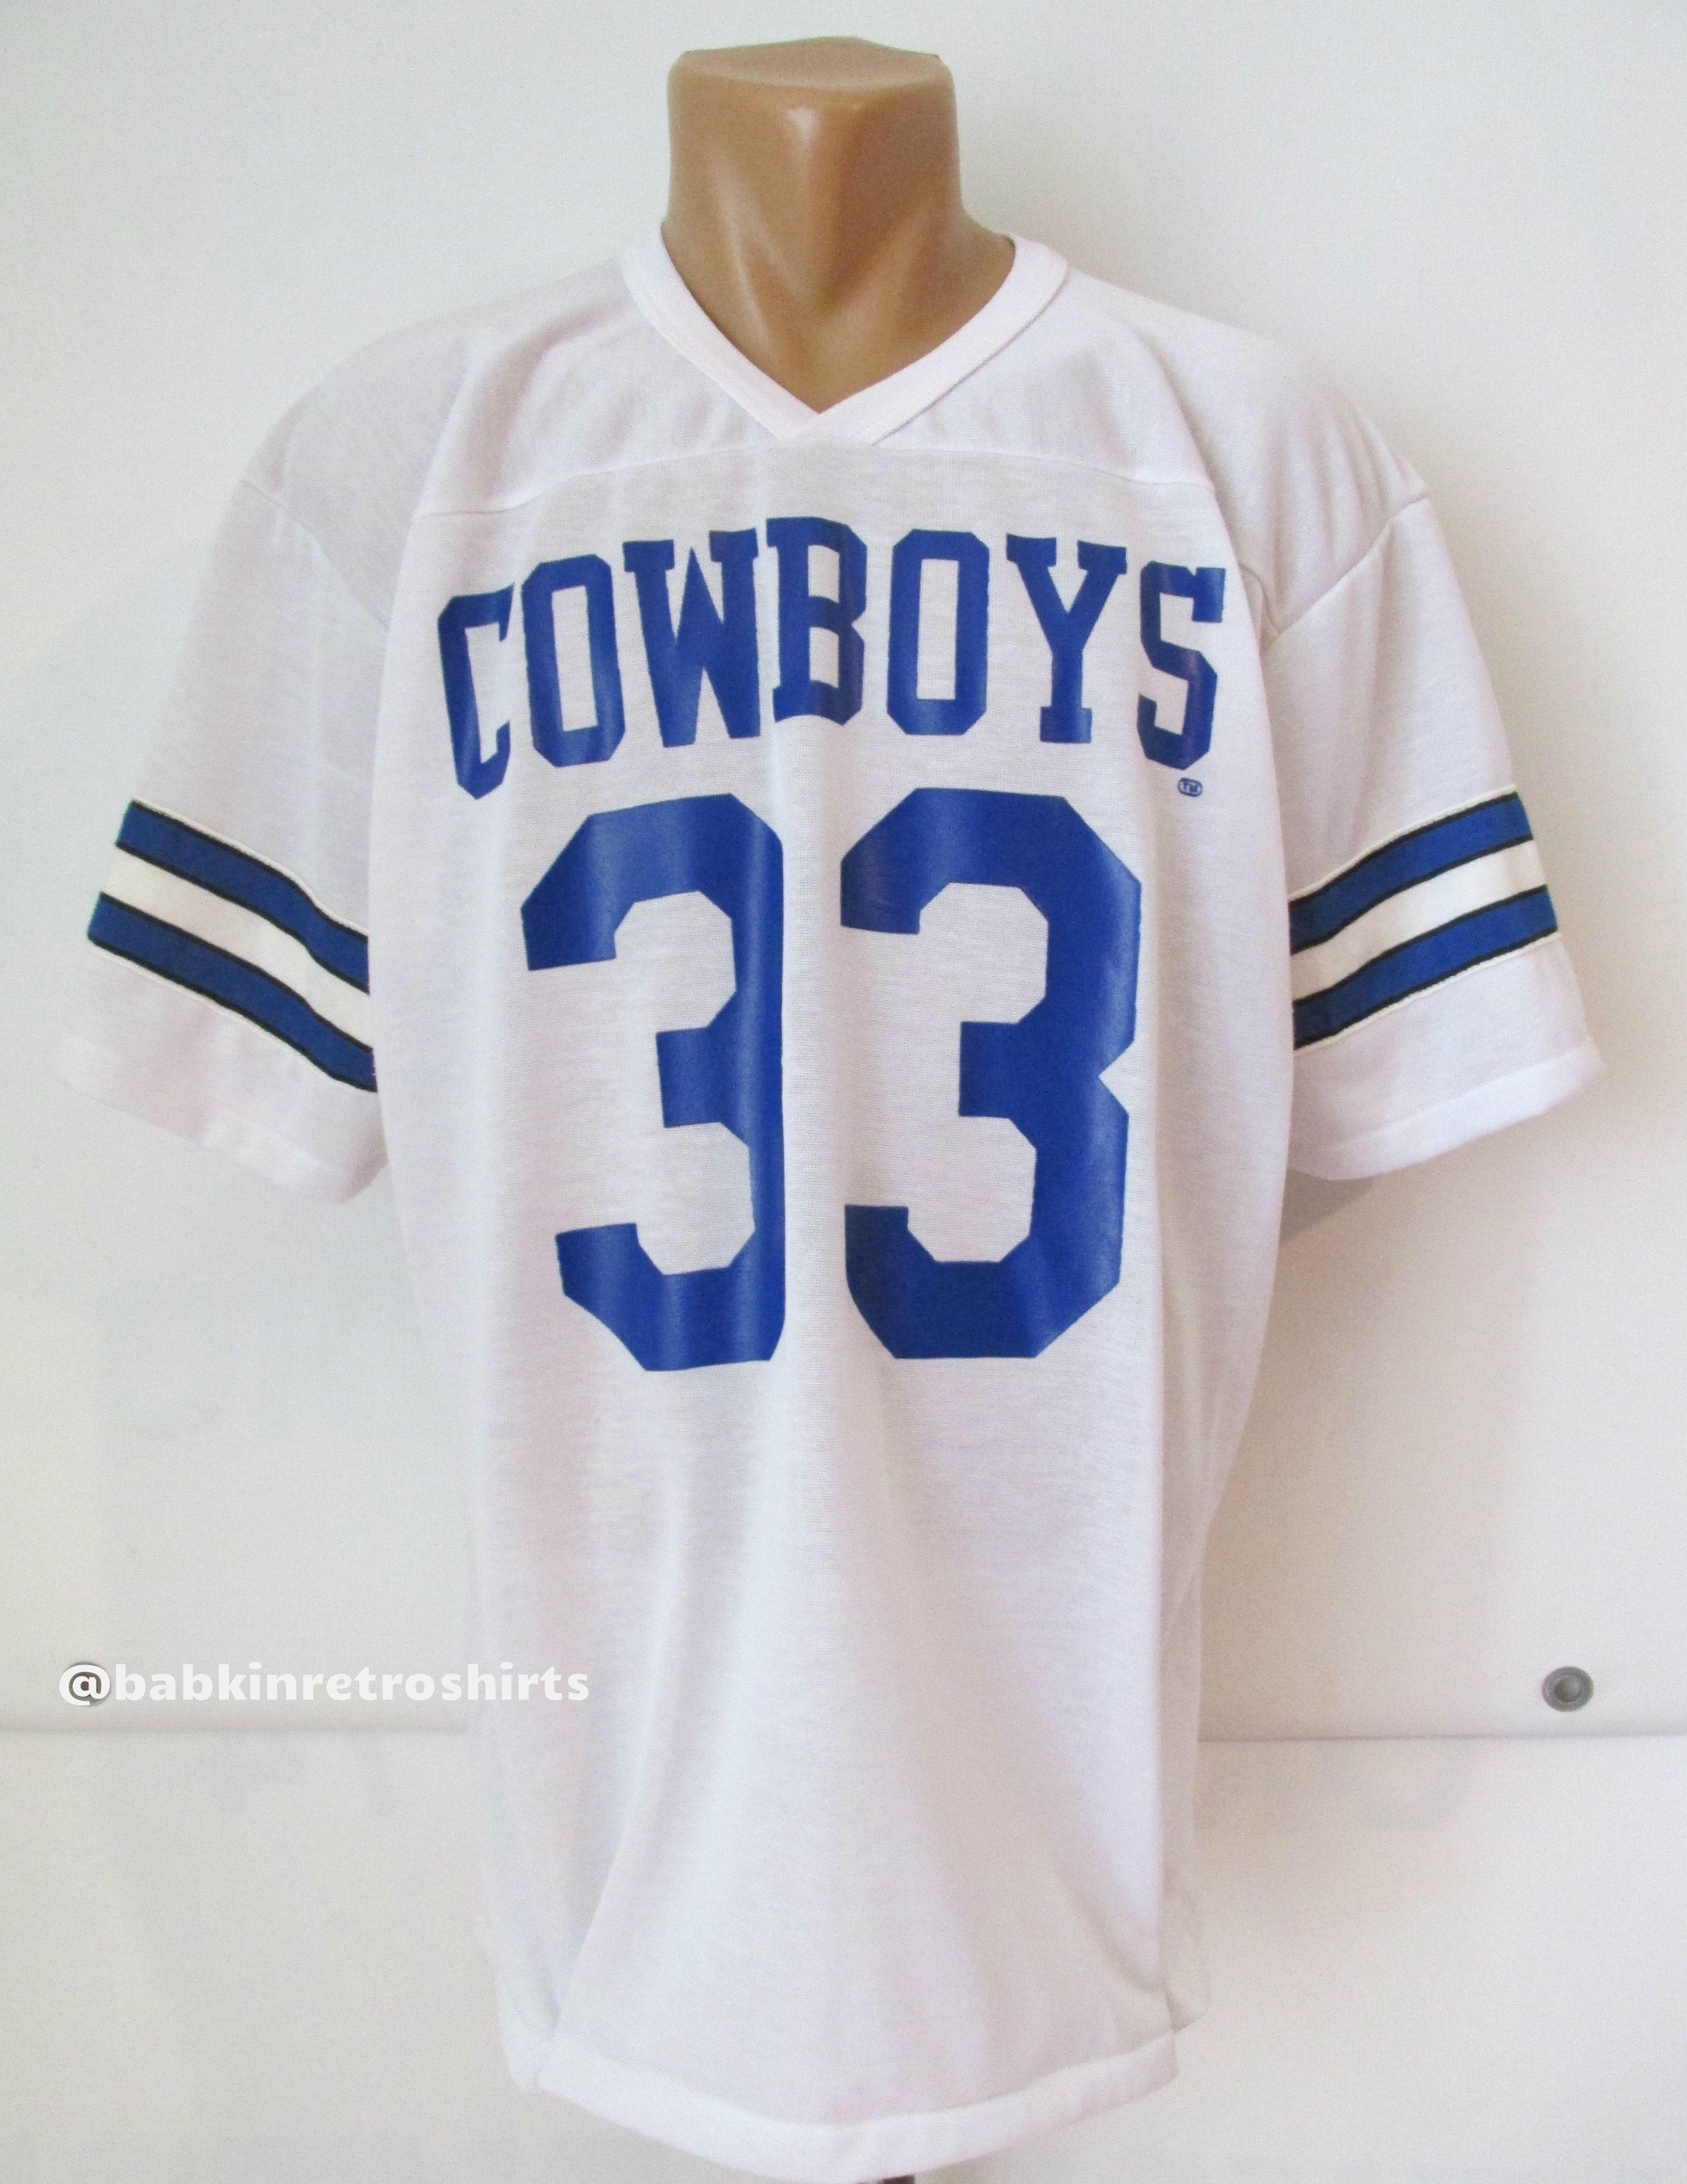 Dallas Cowboys NFL vintage Tony Dorsett  33 football jersey by Rawlings USA  80s retro  nfl  jersey  forsale  vintage  vintagestyle  80s  dallas   cowboys   ... 83d5ee6eb